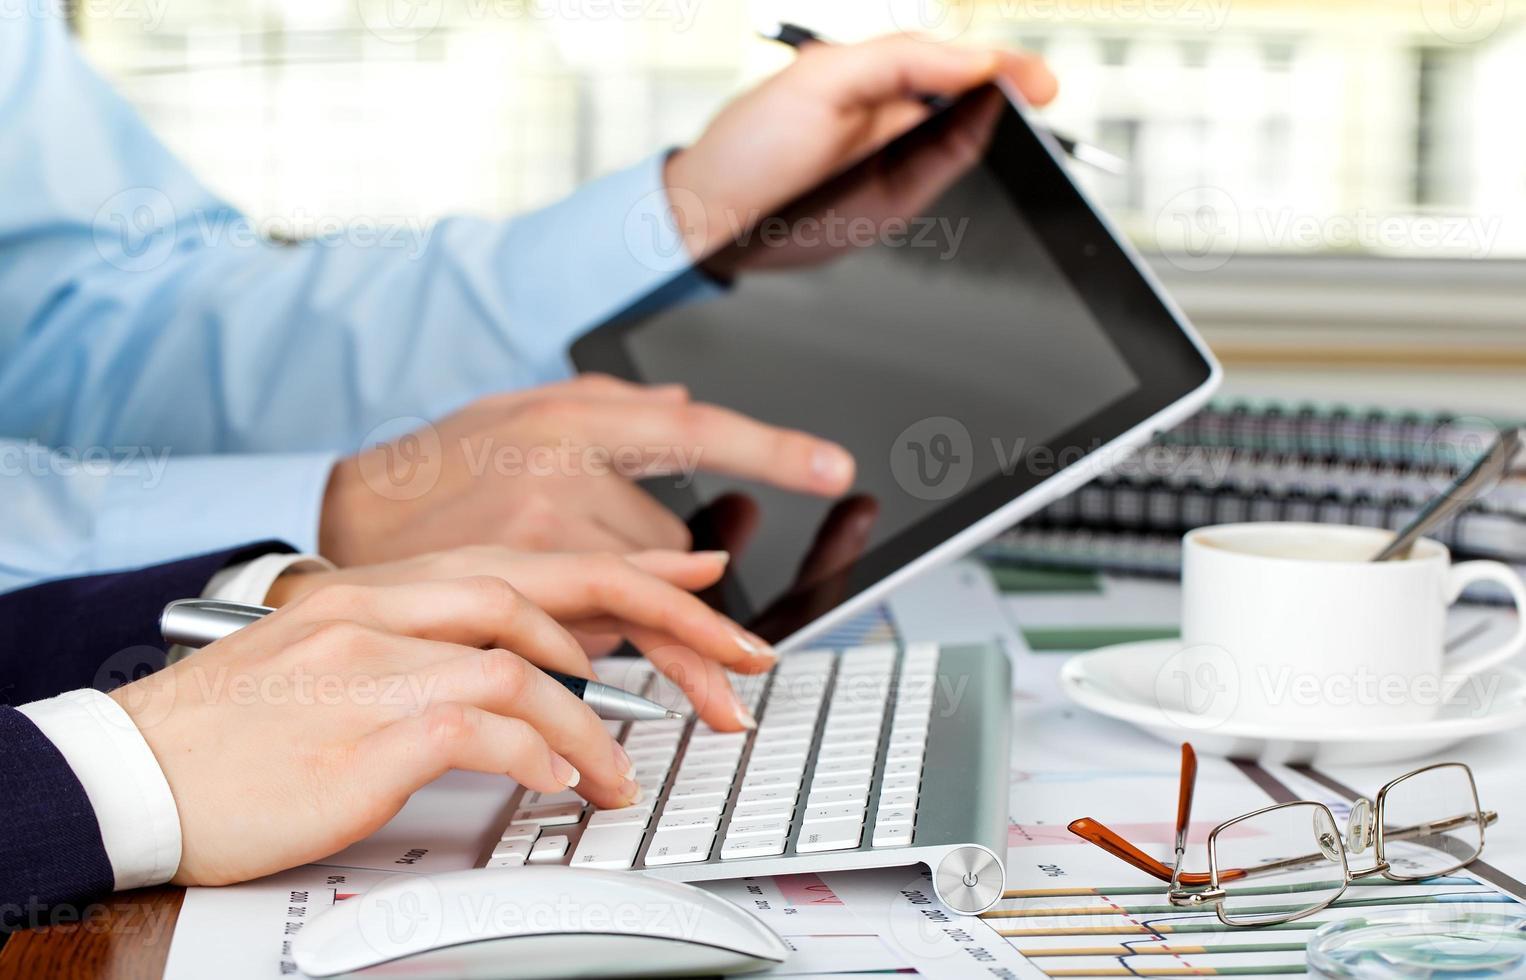 contabilidad empresarial foto